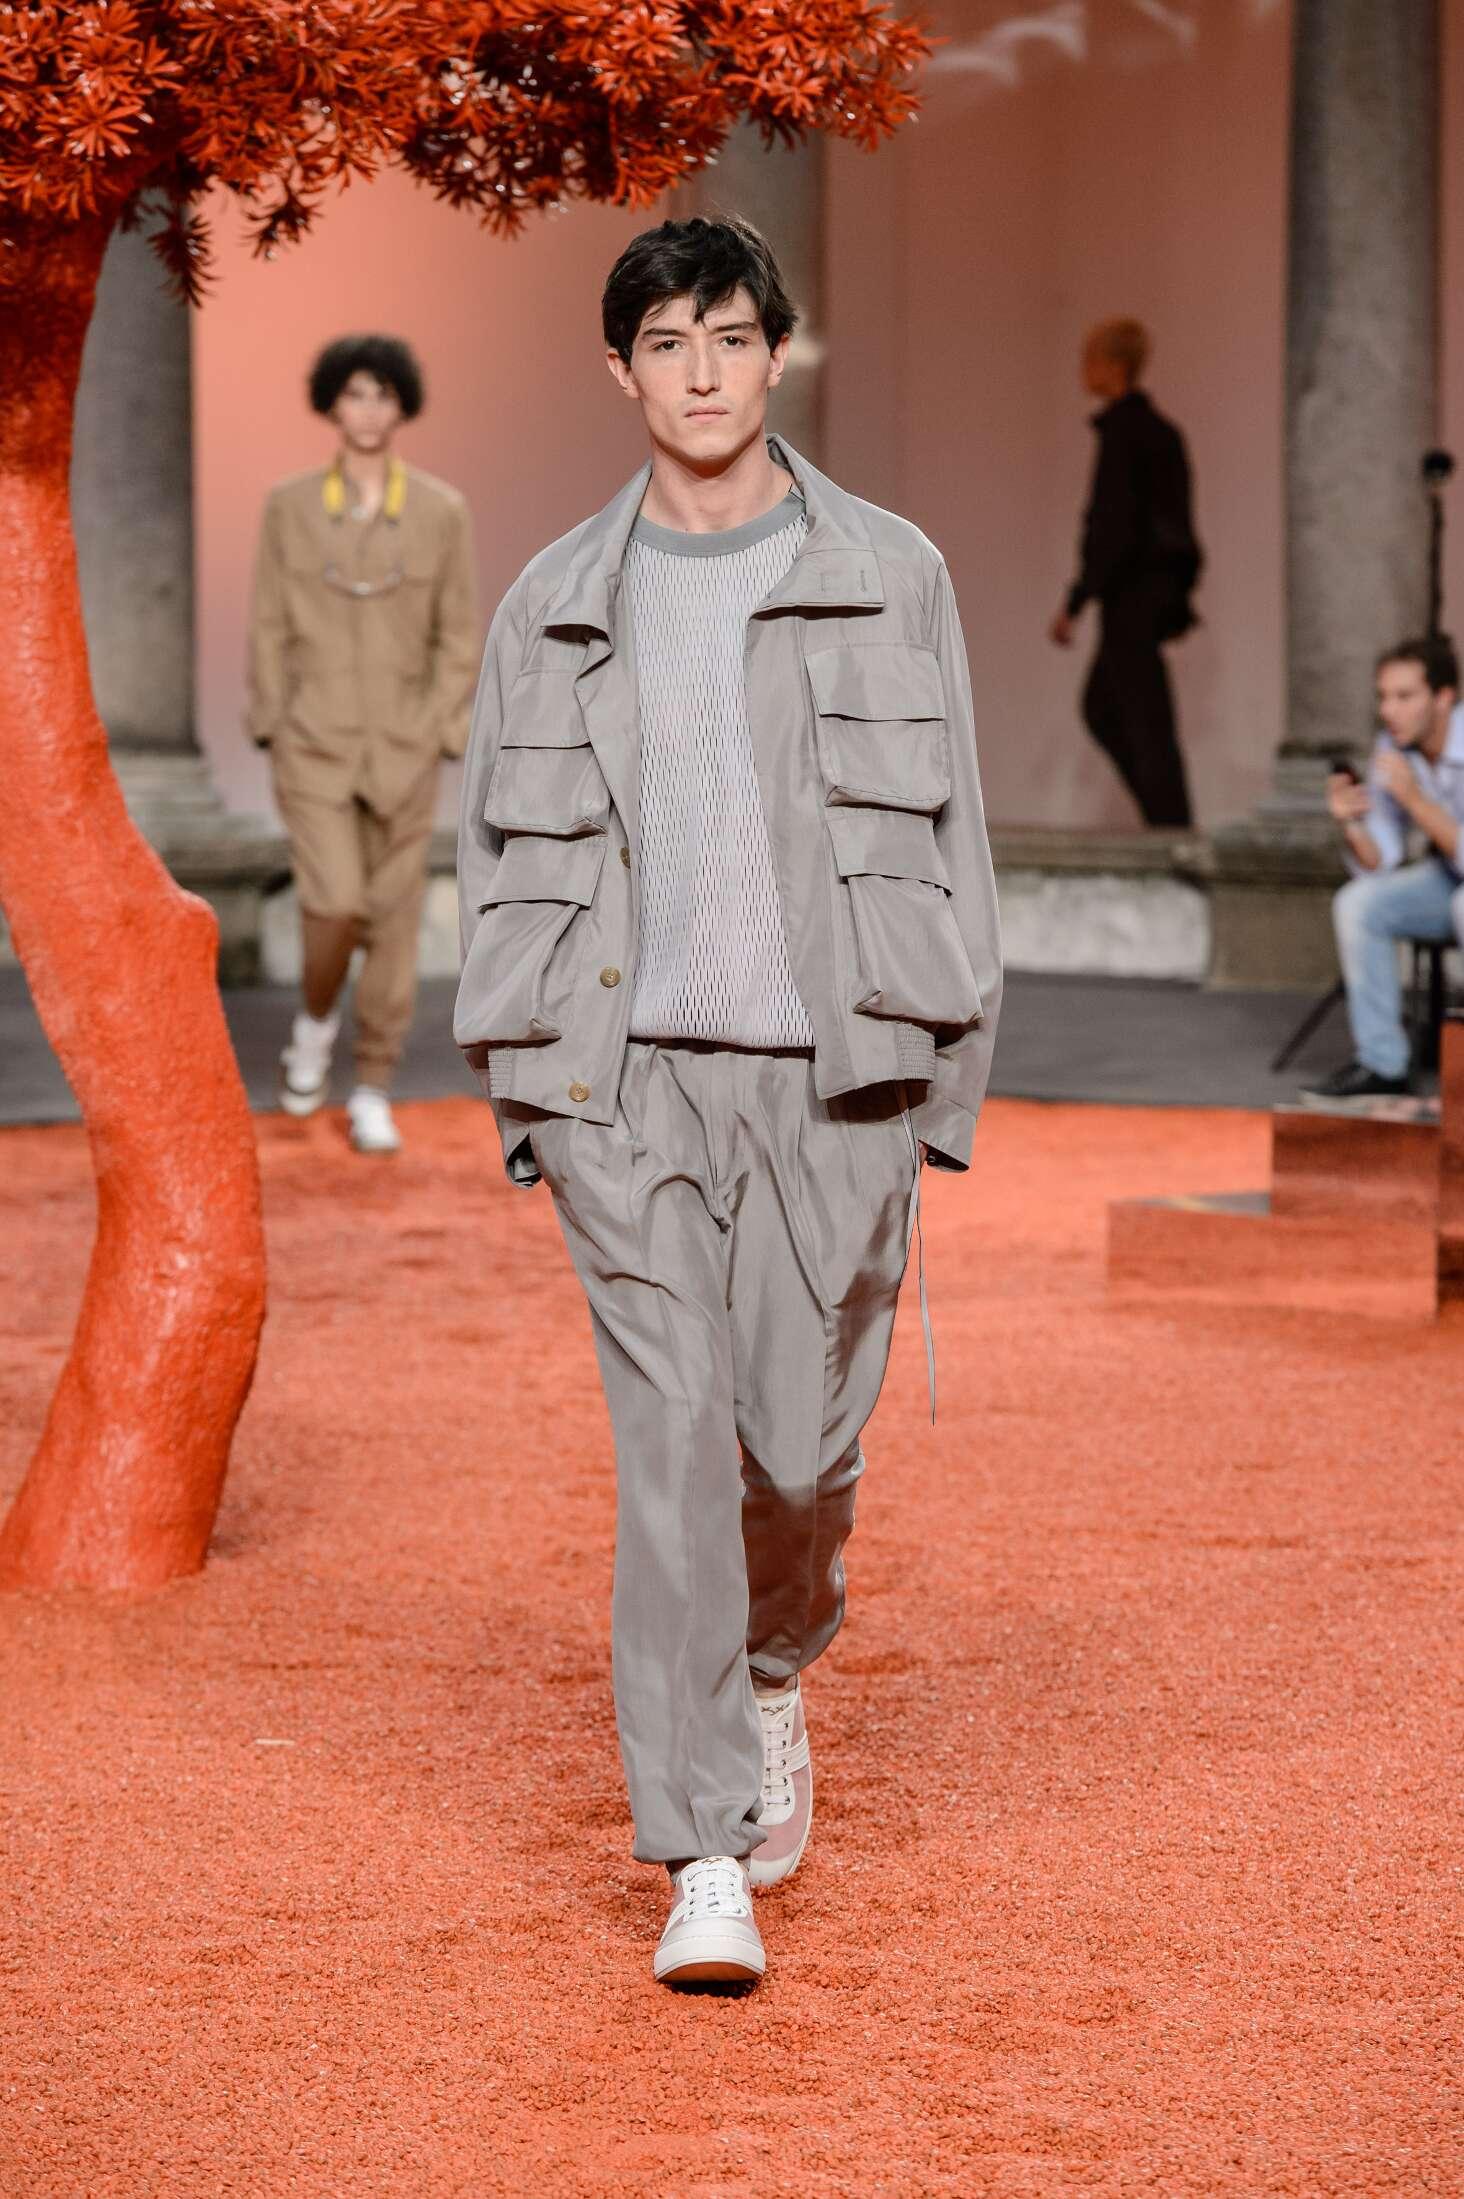 Spring Fashion Trends 2018 Ermenegildo Zegna Couture